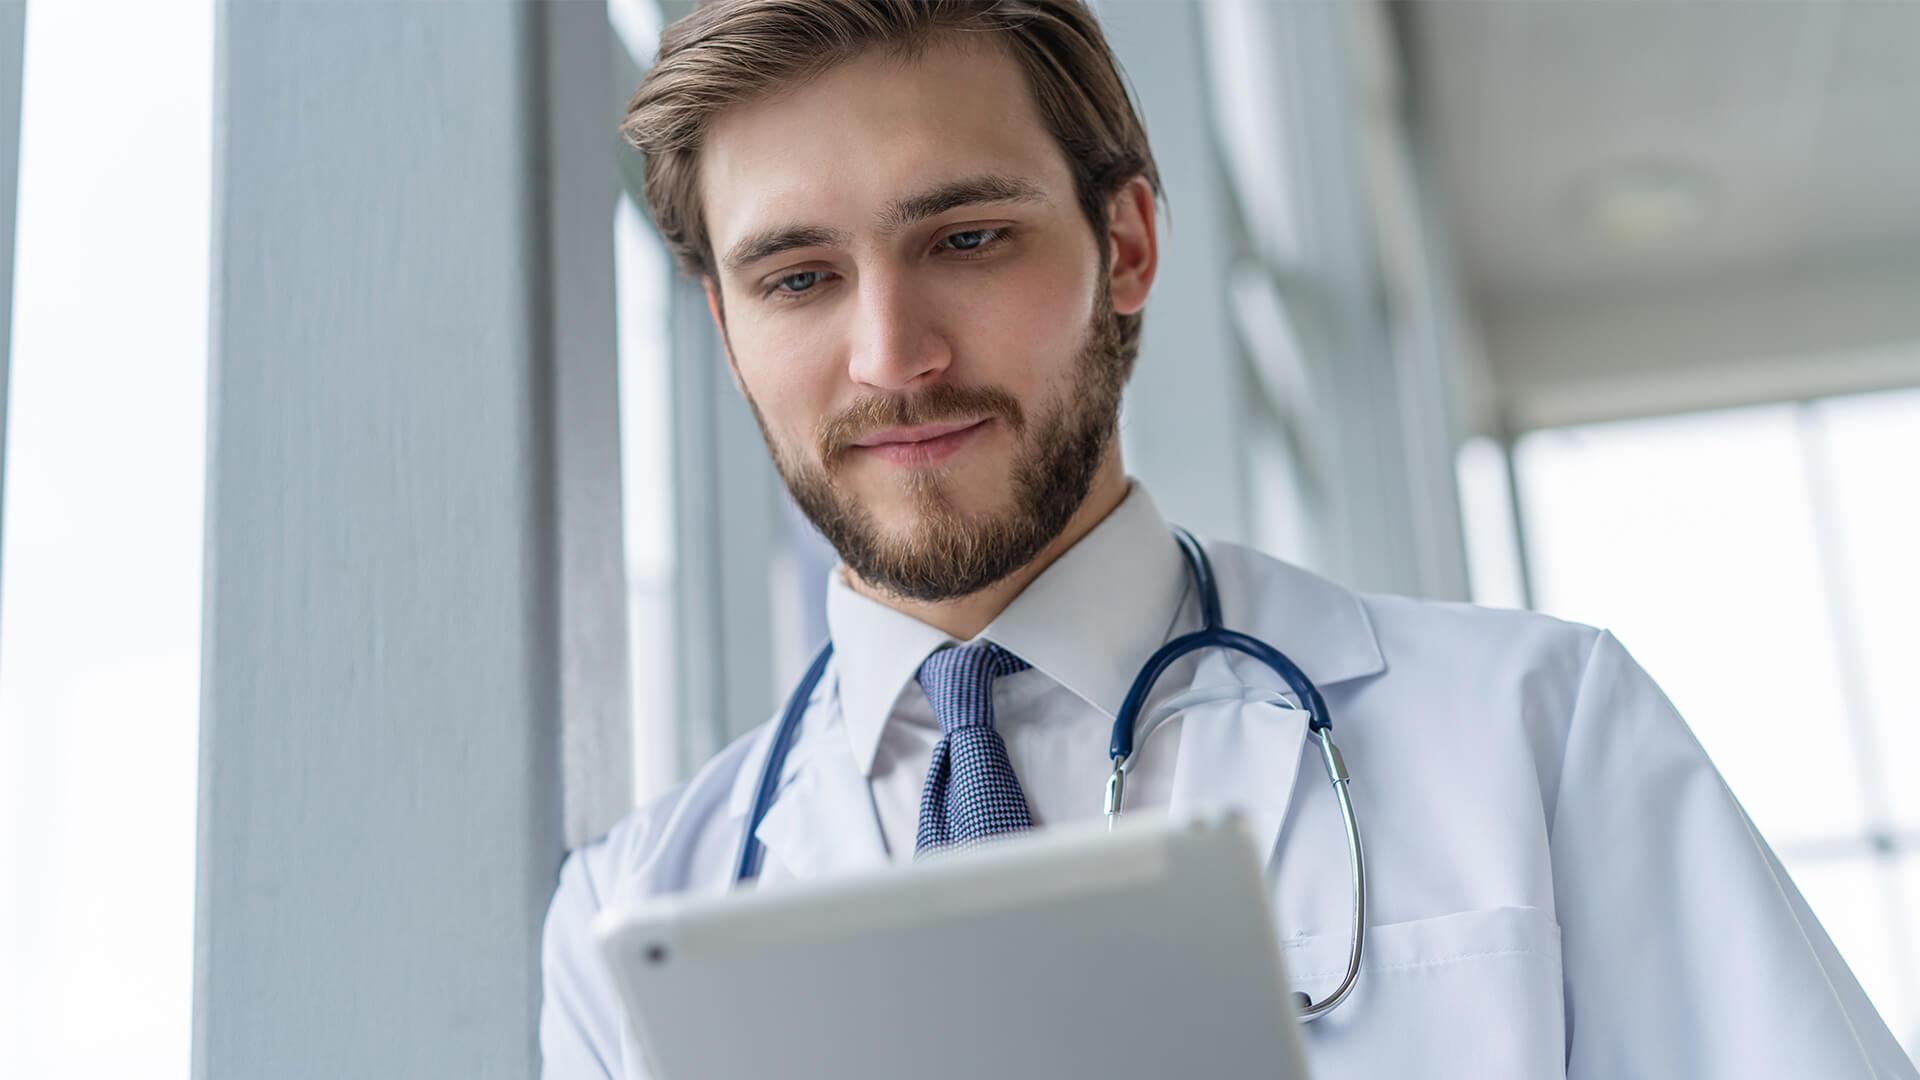 Nowa Karta Wizyty - lekarz sprawdzający informację na tablecie